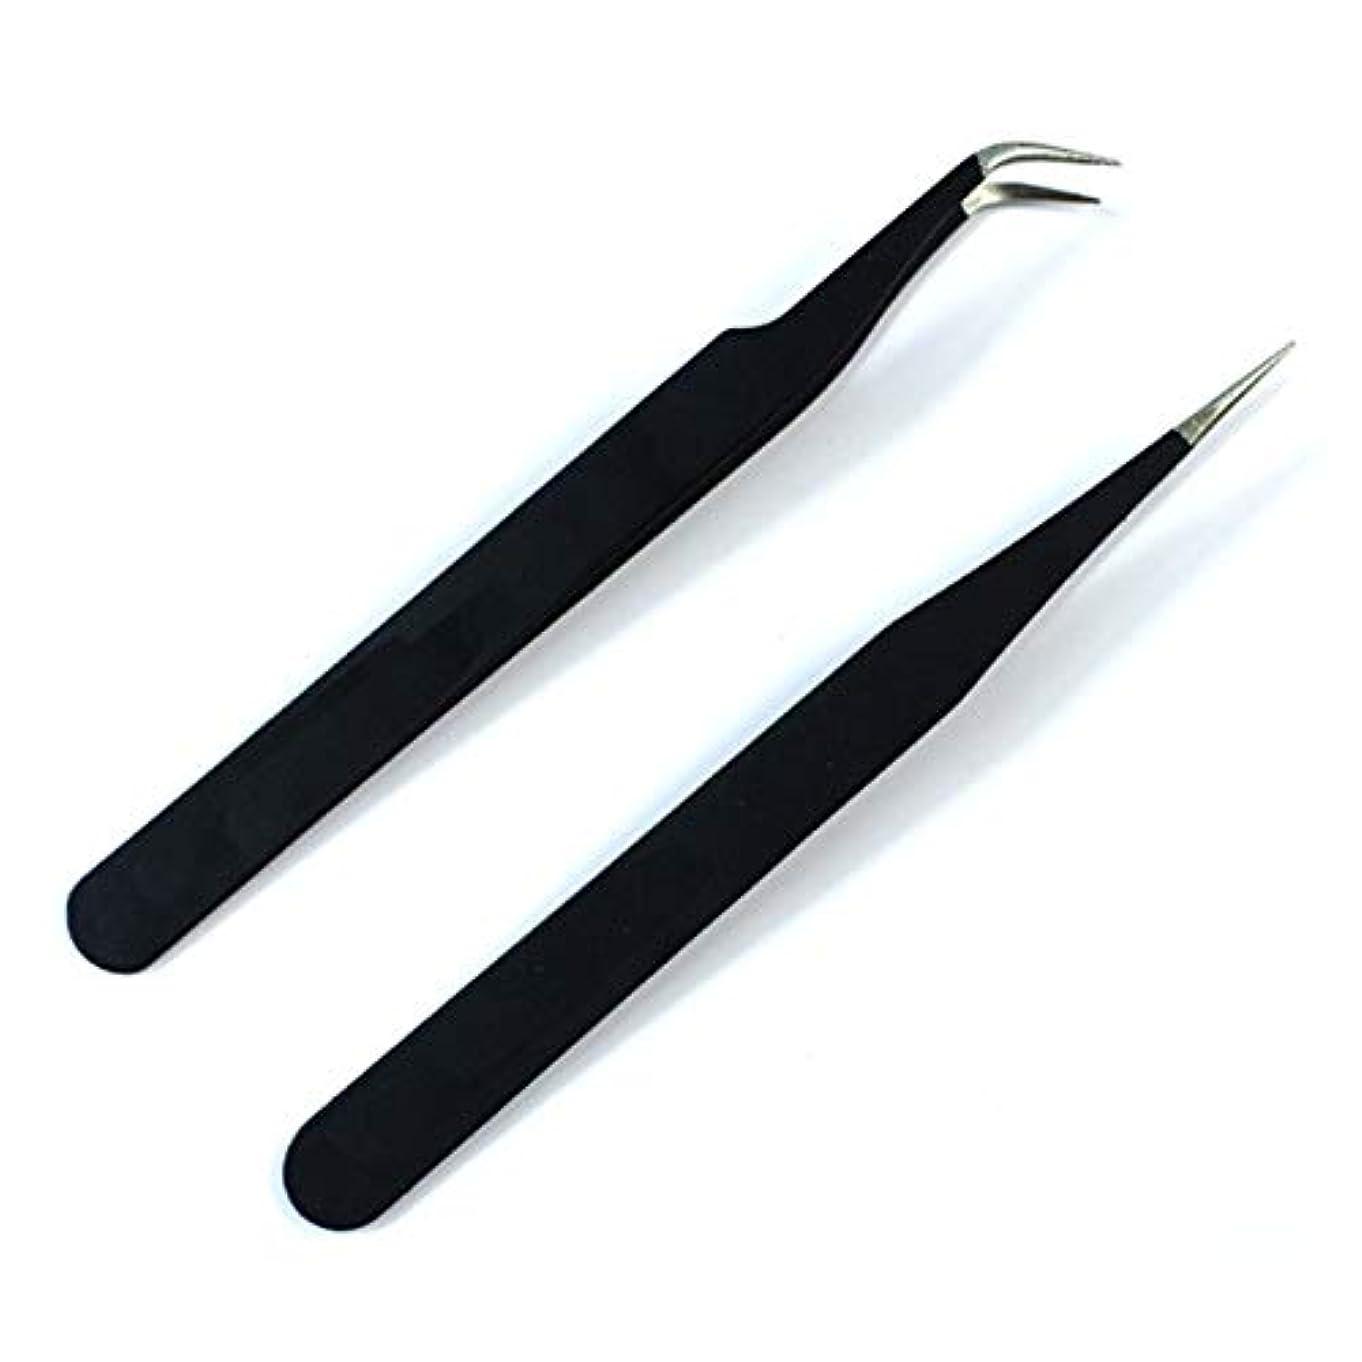 マントバンジージャンプ傷つきやすいネイルツールネイルピンセットネイル型ステンレス肘ストレートヘッドピンセット丈夫なネイルピンセット(ブラック)